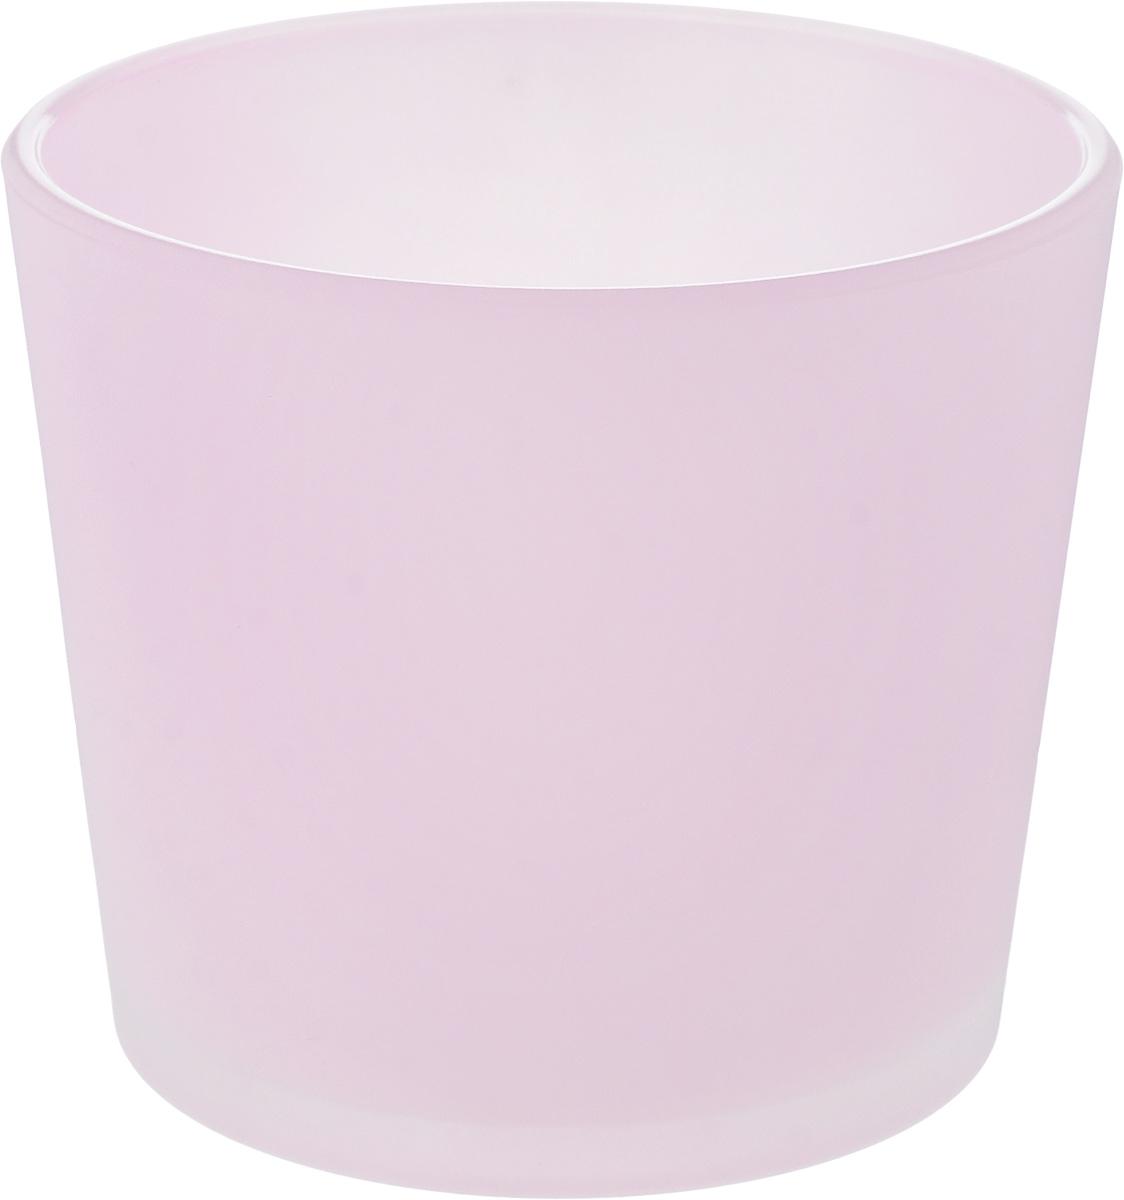 Кашпо NiNaGlass, цвет: розовый, высота 12,5 см91-011-Ф145_розовыйКашпо NiNaGlass имеет уникальную форму, сочетающуюся как с классическим, так и с современным дизайном интерьера. Оно изготовлено из высококачественного стекла и предназначено для выращивания растений, цветов и трав в домашних условиях. Кашпо NiNaGlass порадует вас функциональностью, а благодаря лаконичному дизайну впишется в любой интерьер помещения. Диаметр кашпо (по верхнему краю): 14,5 см. Высота кашпо: 12,5 см.